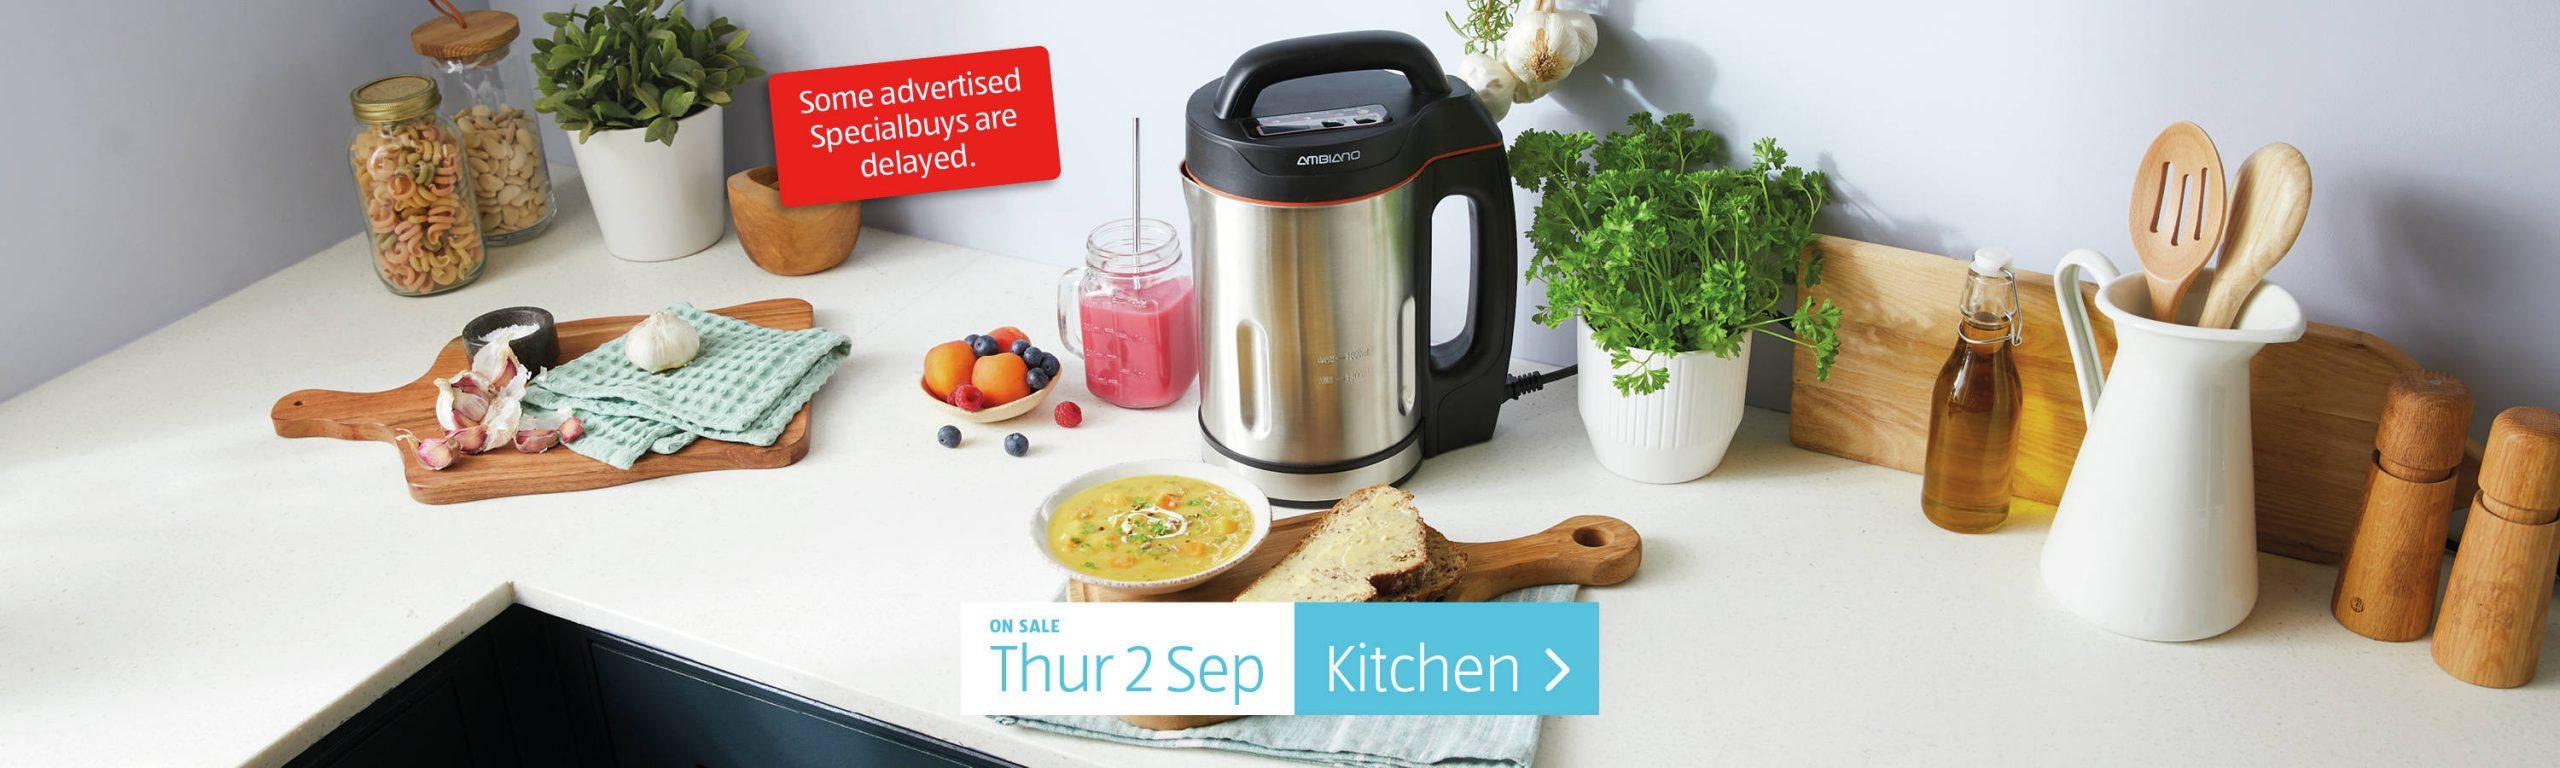 ALDI Thursday Offers 2nd September 2021 ALDI Kitchen